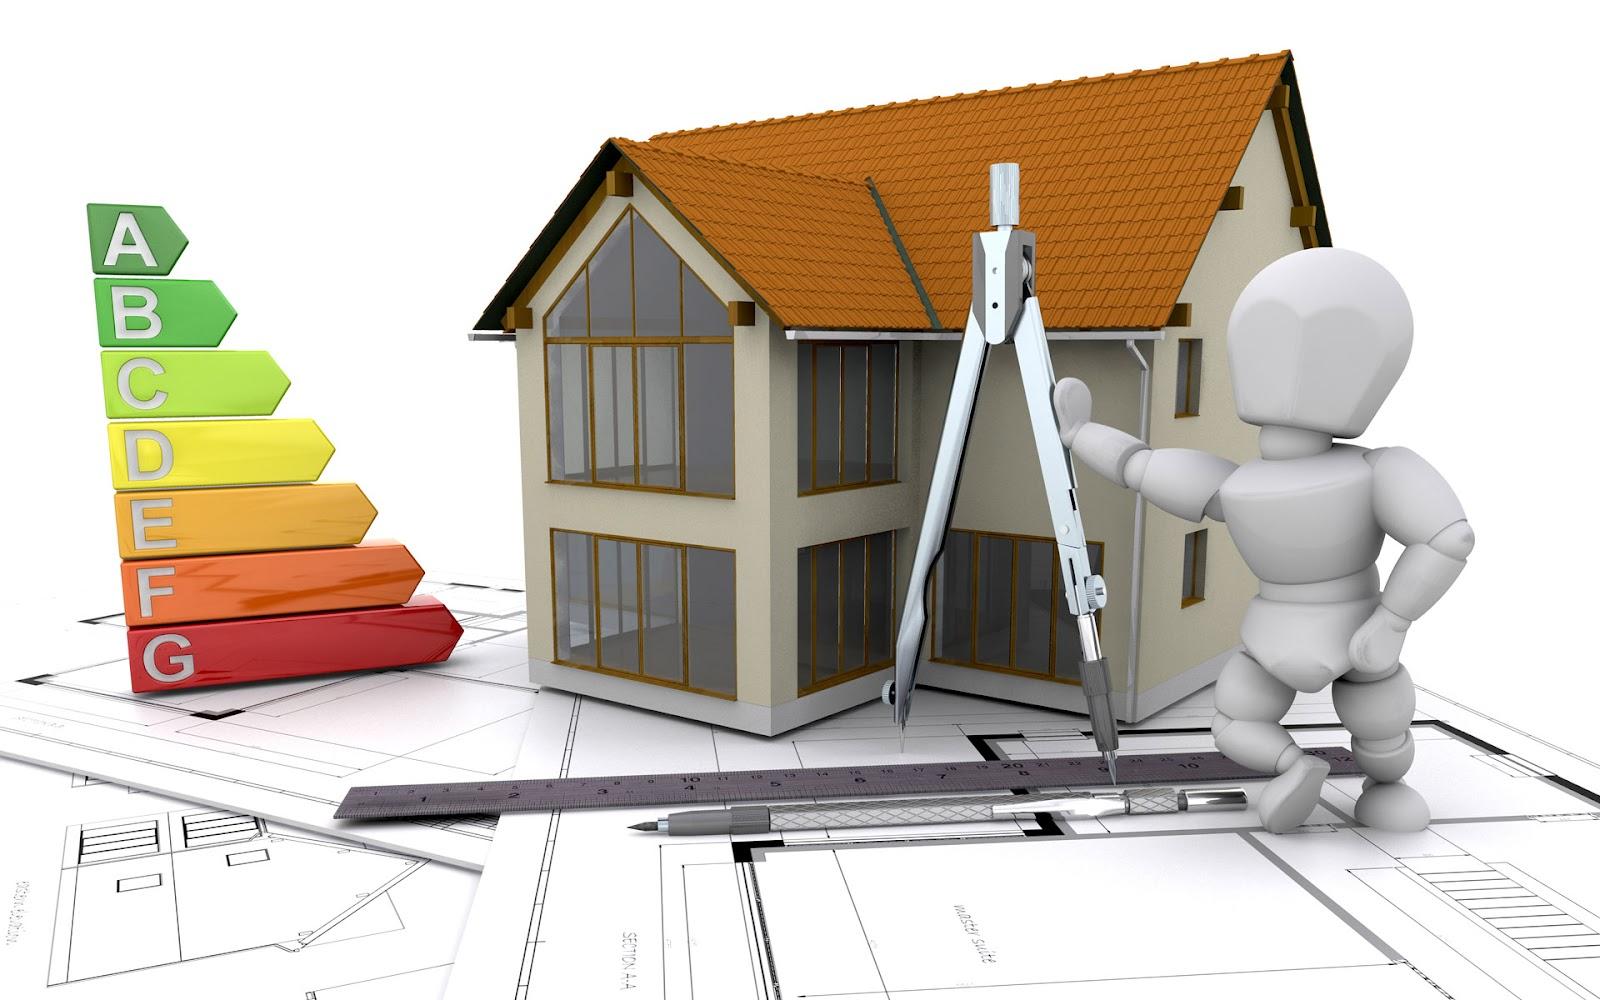 Entro il 31/12/ 2019 consentite detrazioni fiscali al 50% anche per l'acquisto (o assegnazione) di immobili ristrutturati